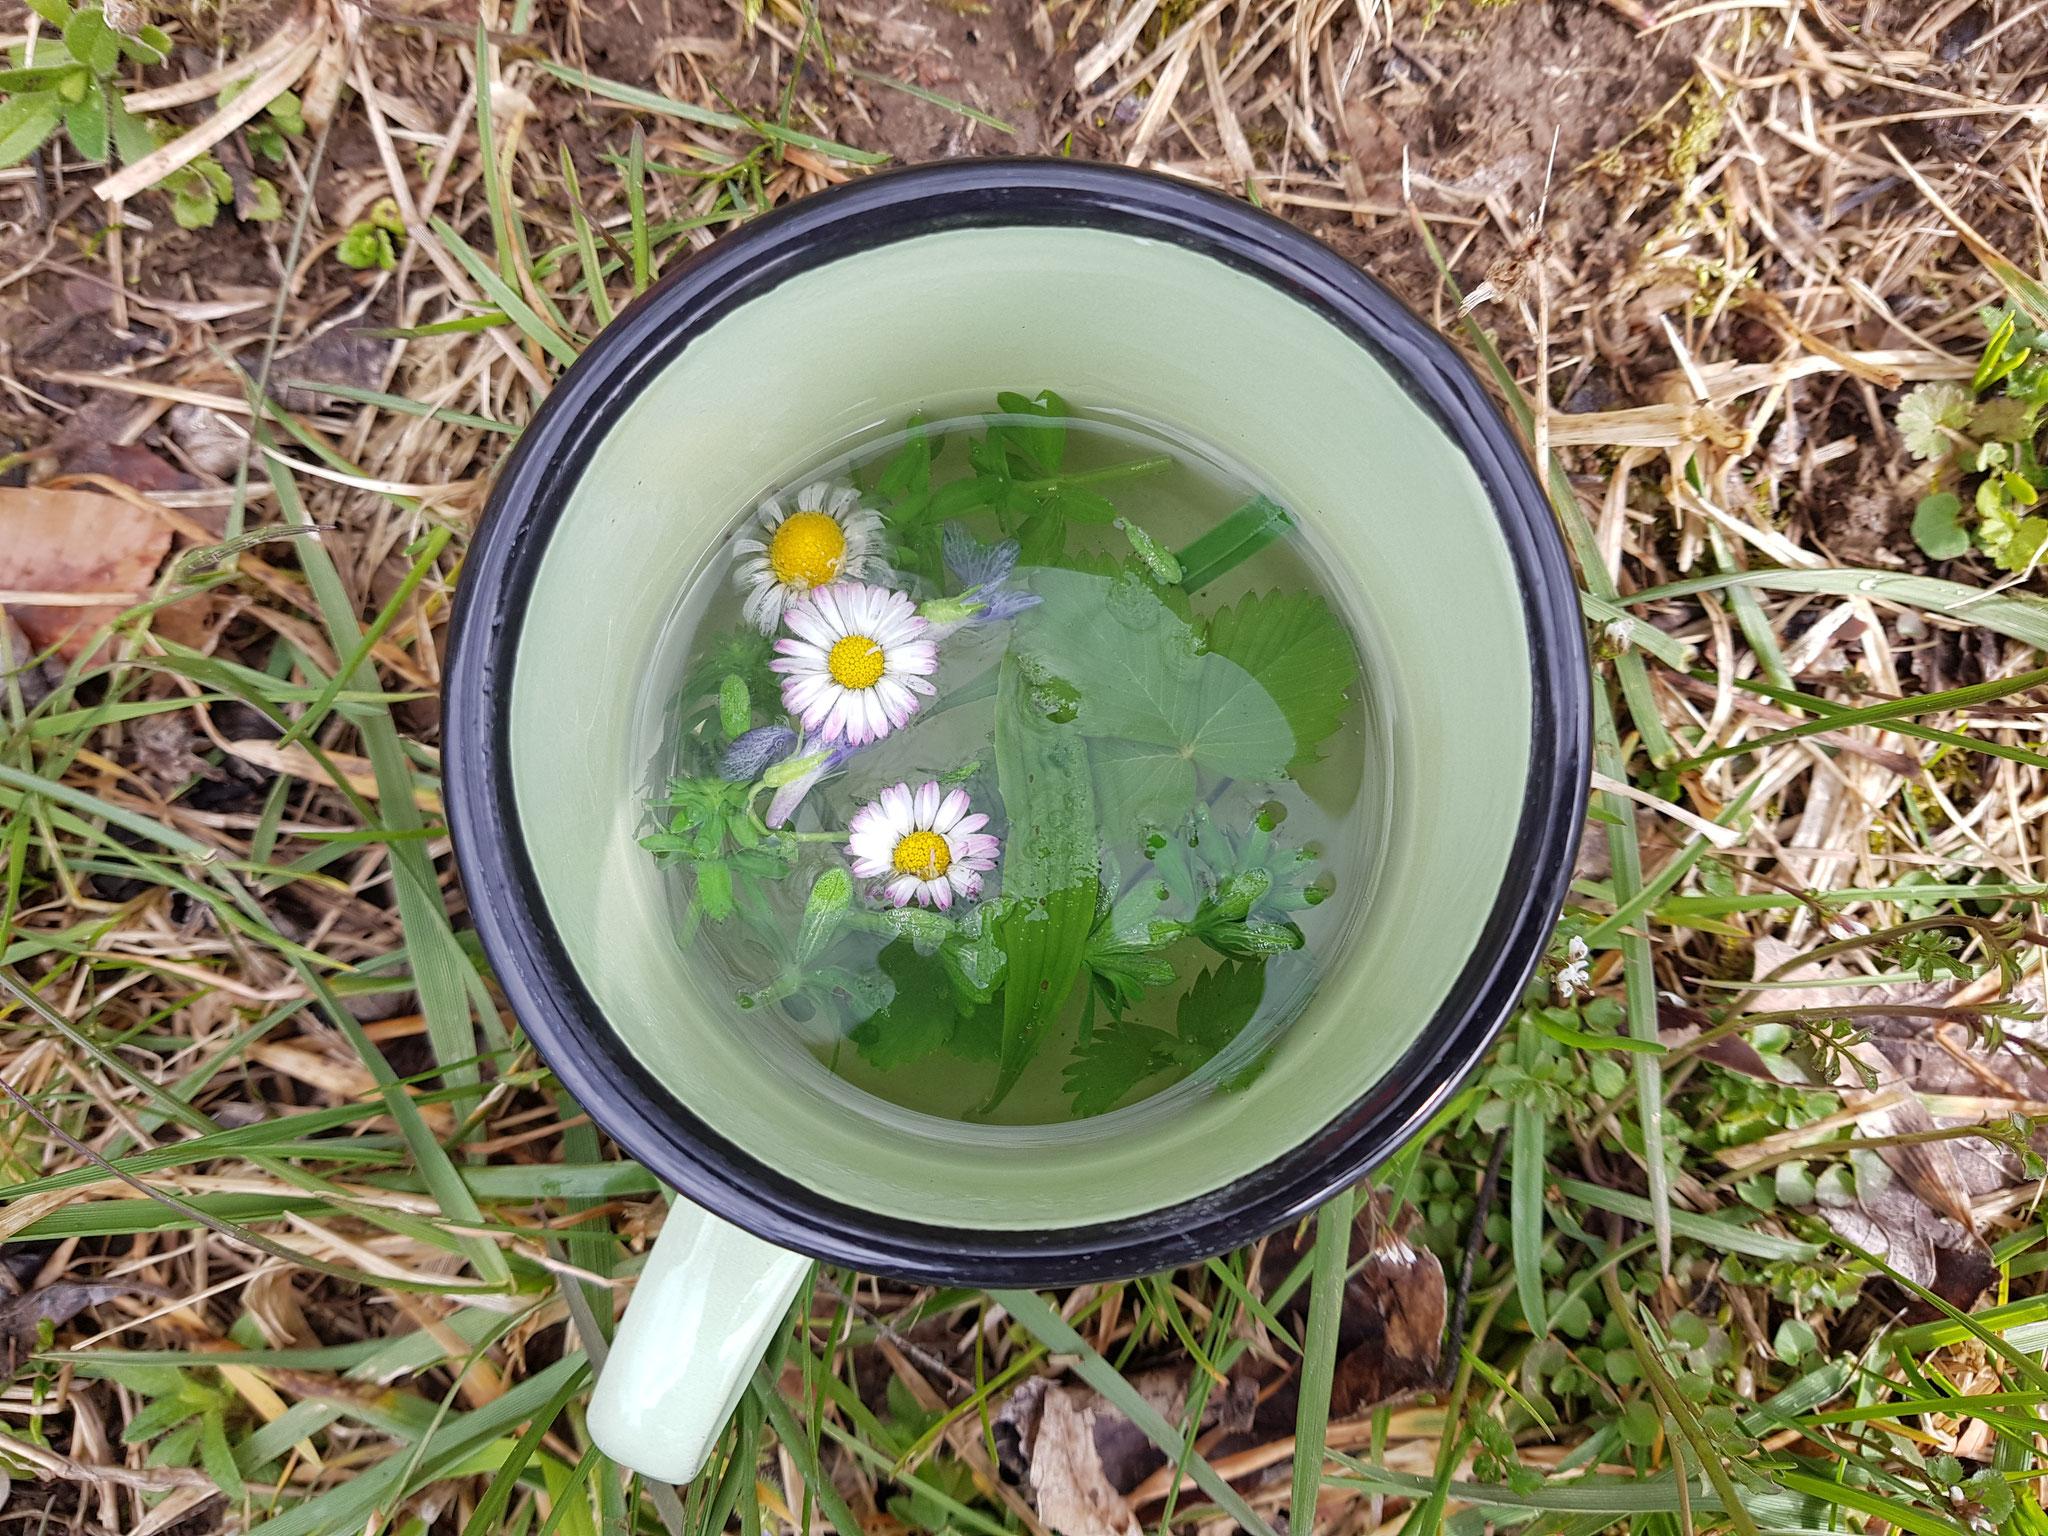 unterwegs - Tee direkt aus der Natur